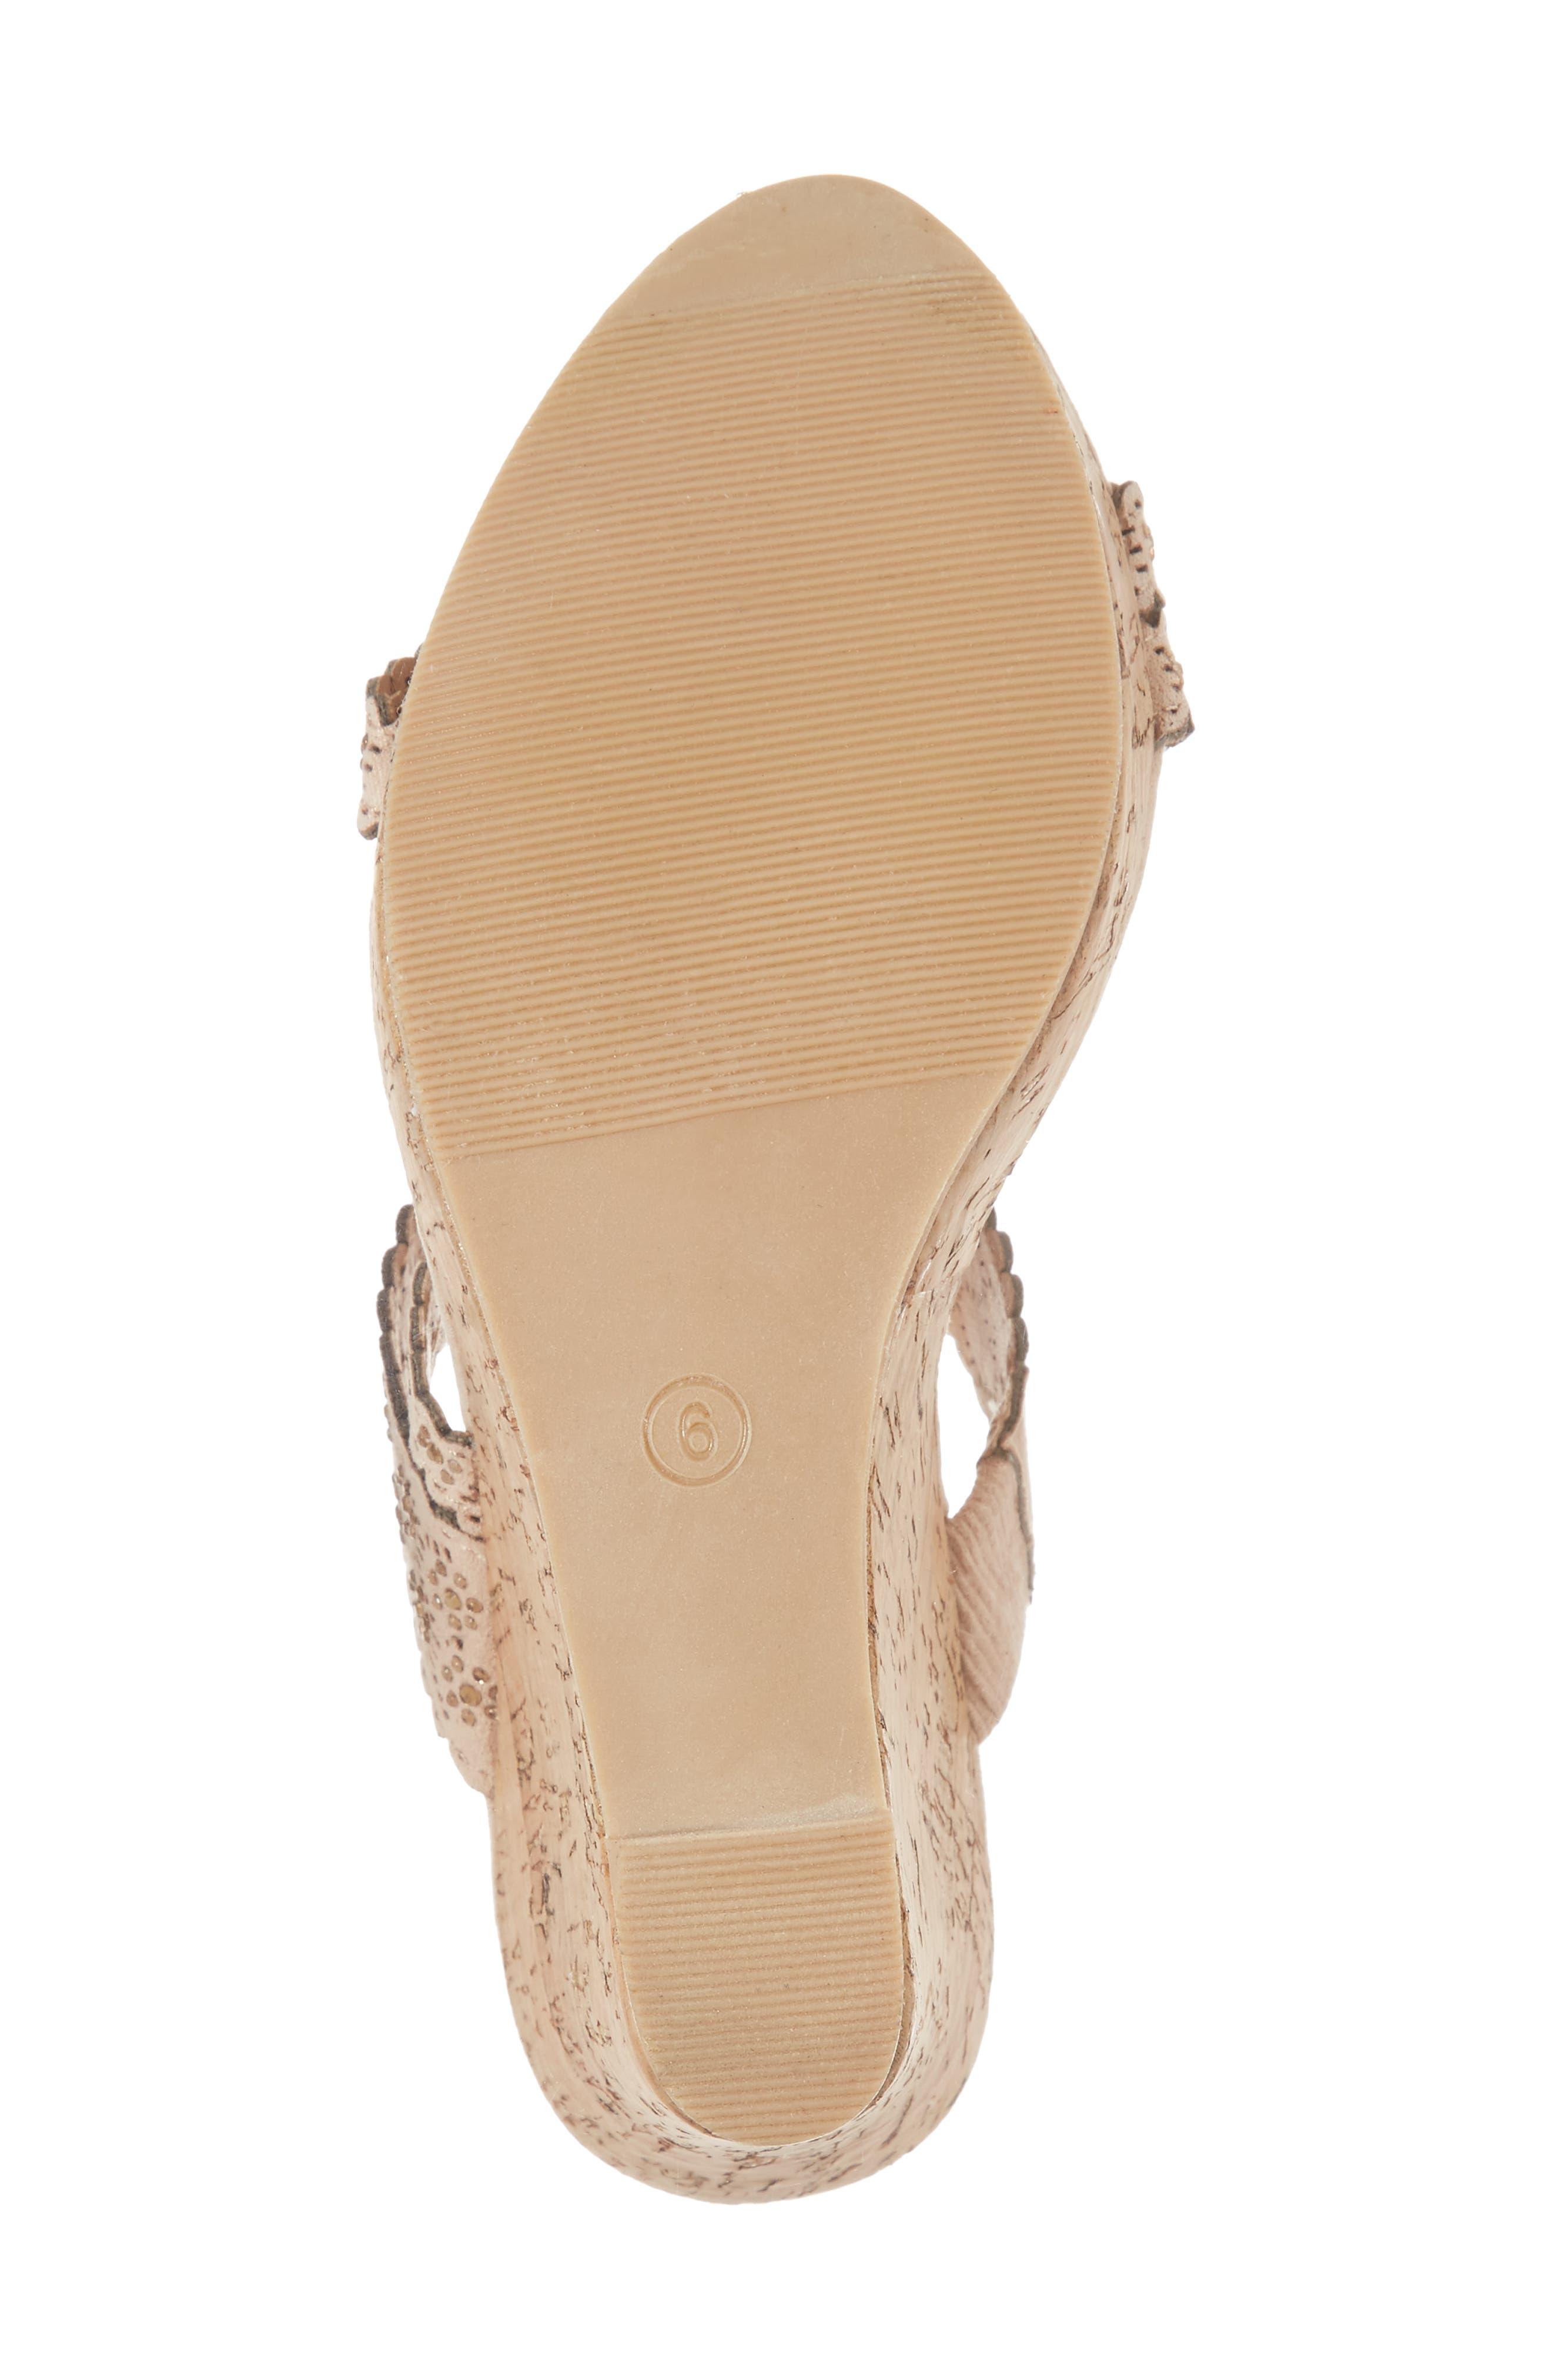 Aerin Embellished Wedge Sandal,                             Alternate thumbnail 6, color,                             Blush Suede